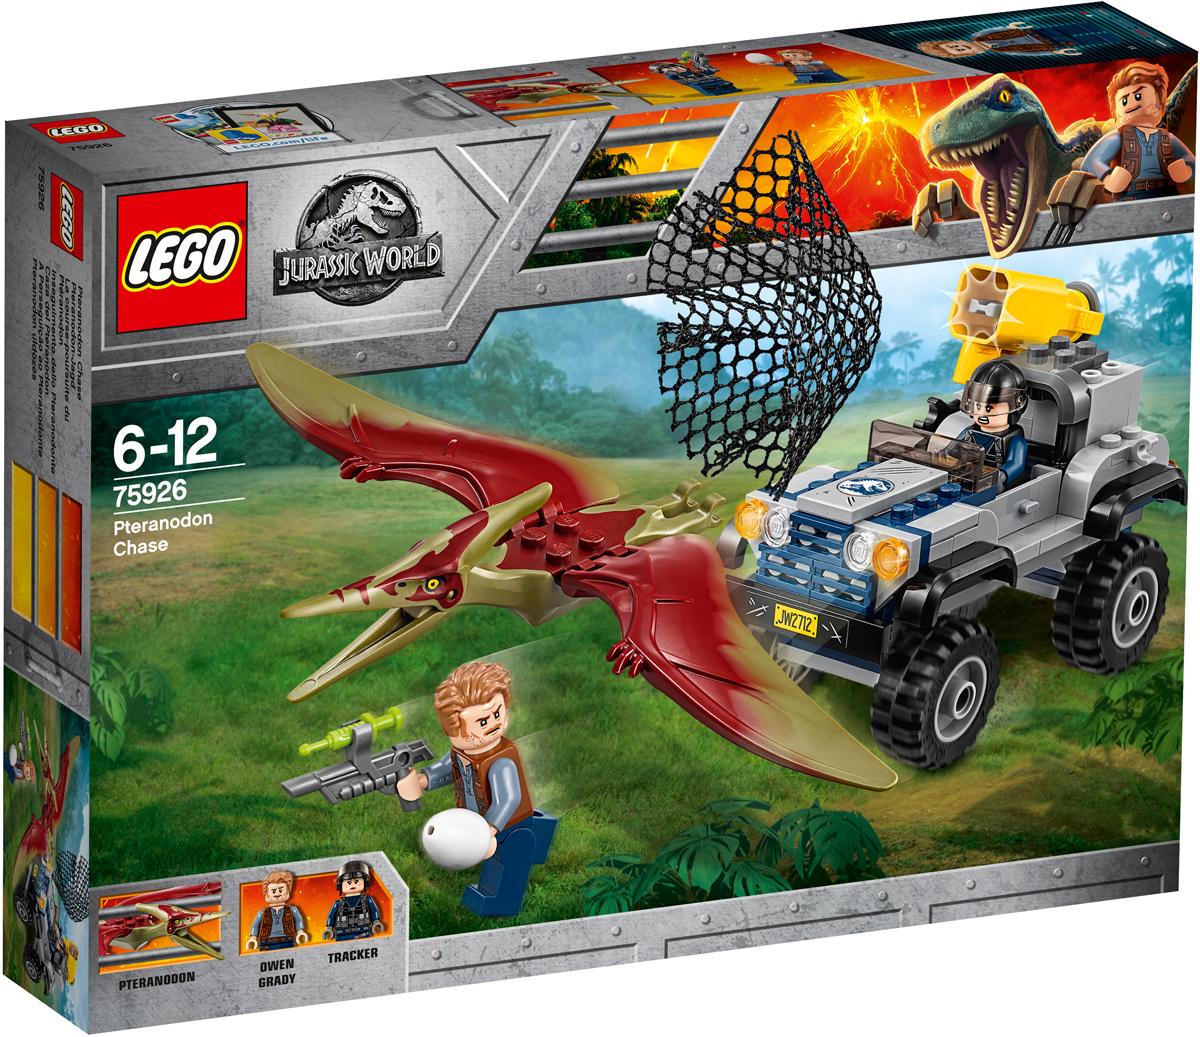 LEGO Jurassic World 75926 Погоня за птеранодоном Конструктор